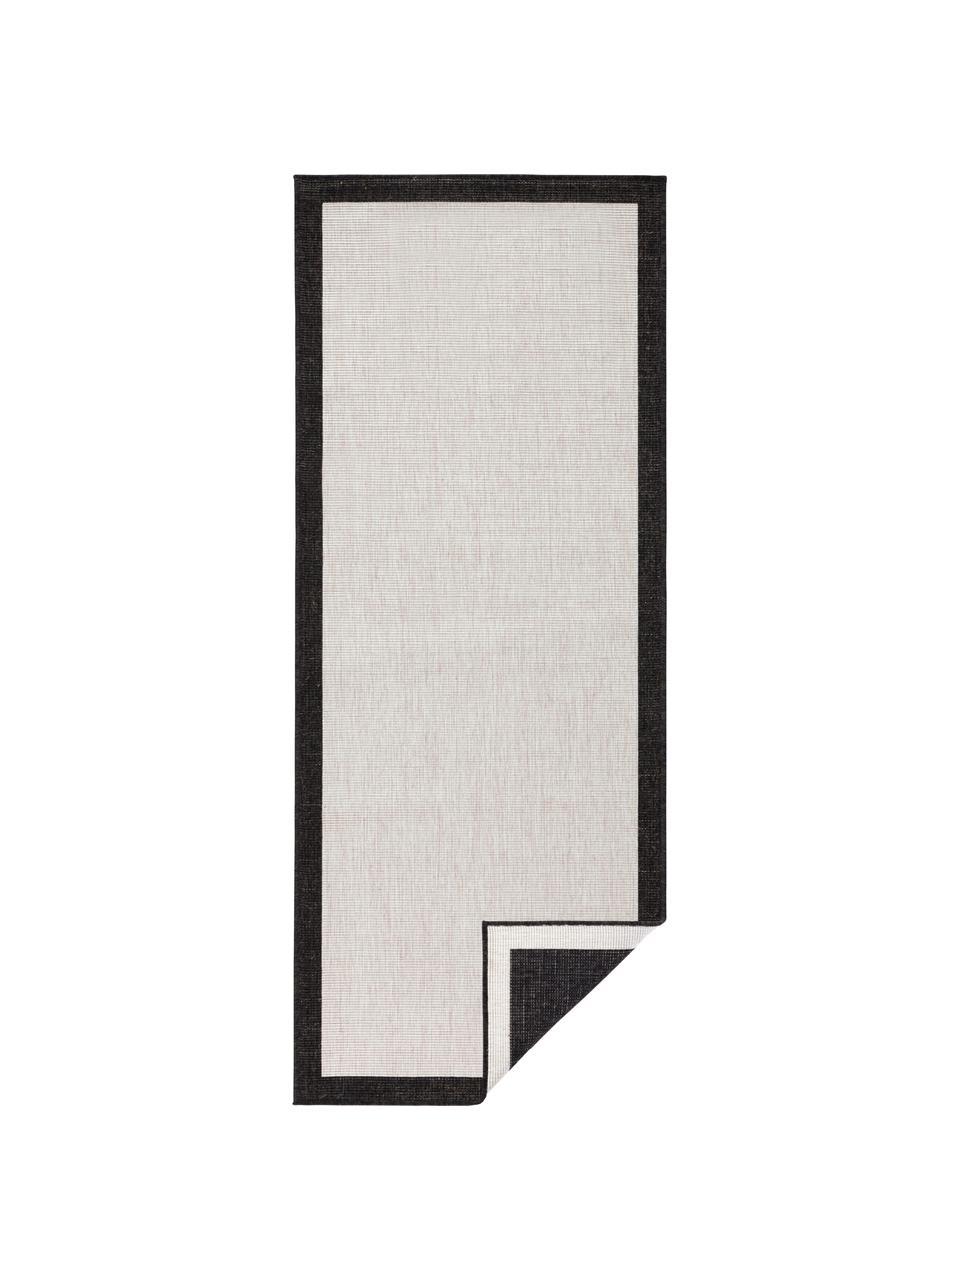 In- und Outdoor-Wendeläufer Panama in Schwarz/Creme, Schwarz, Cremefarben, 80 x 250 cm